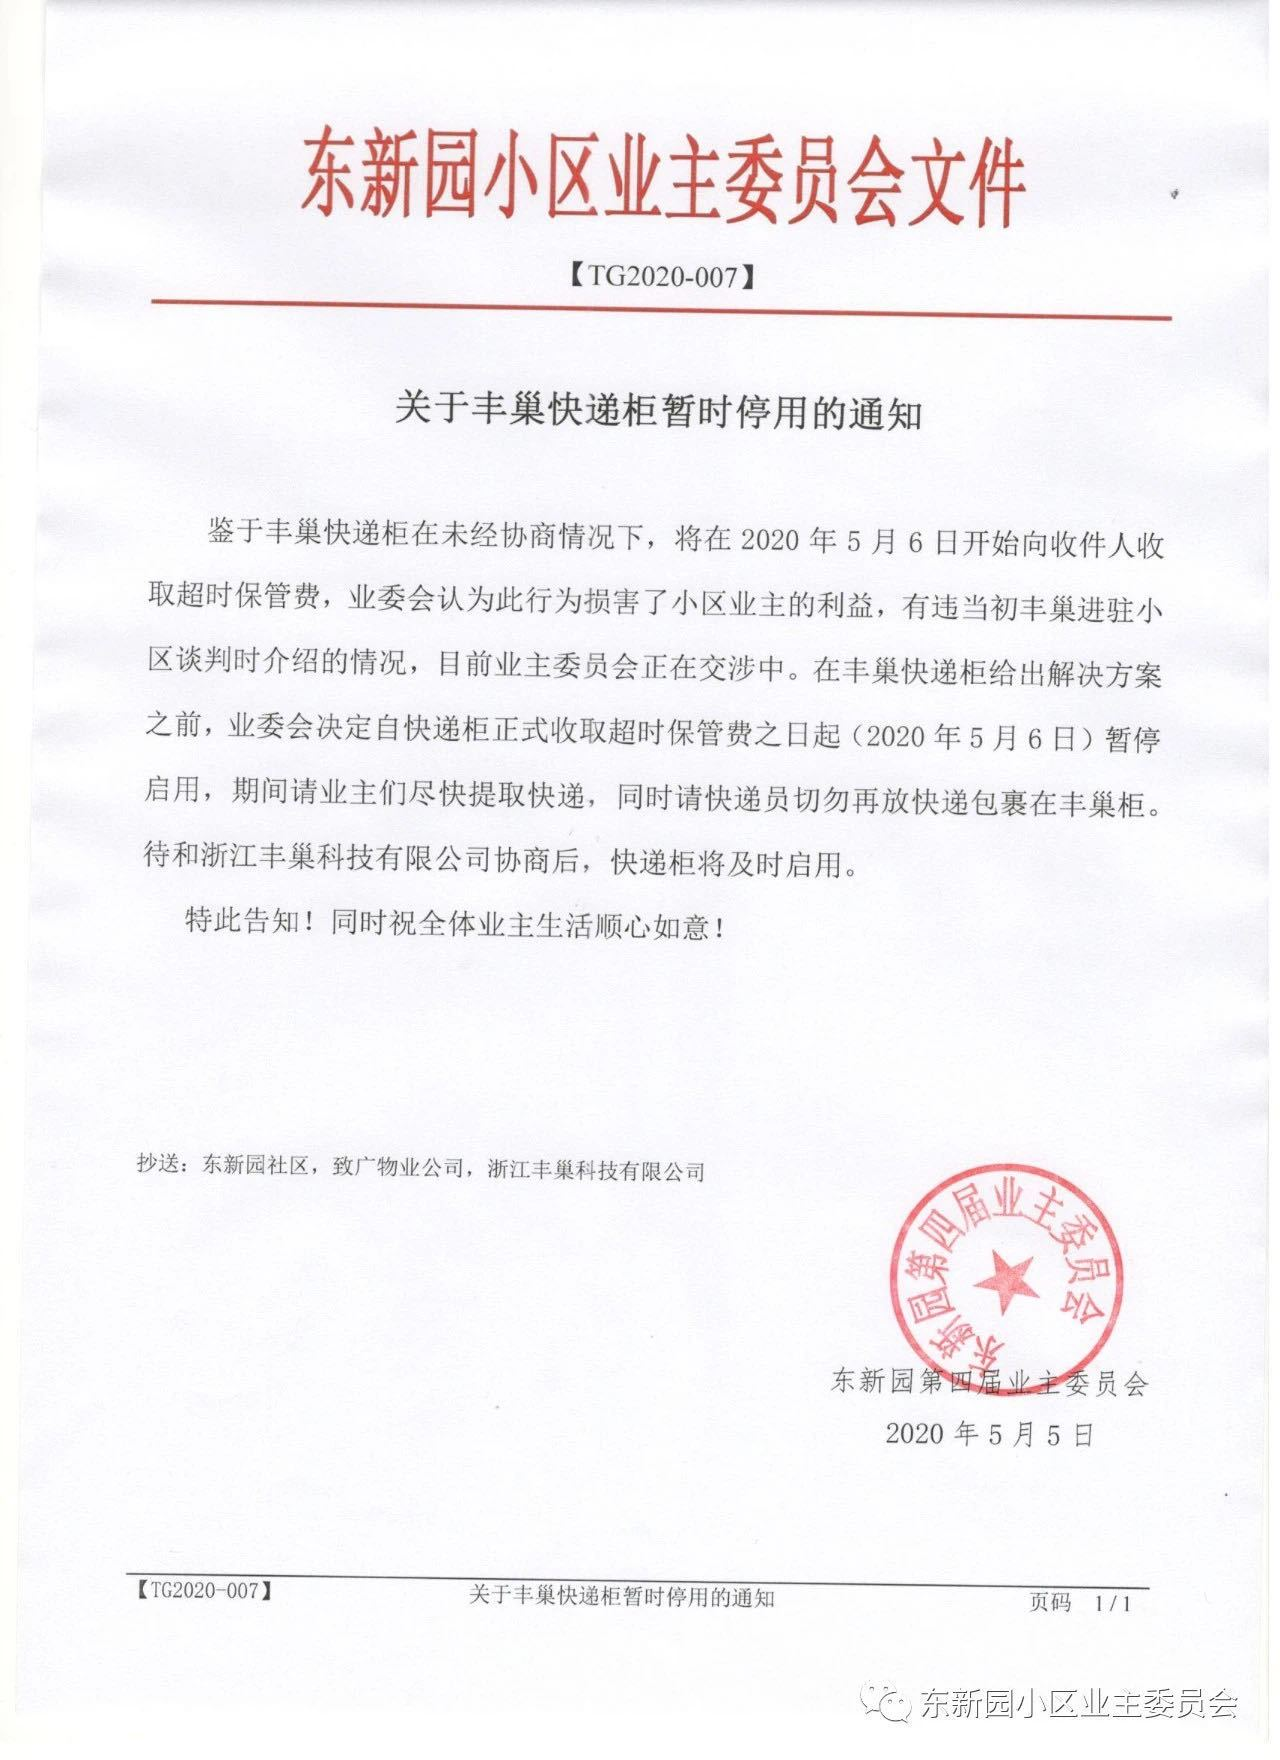 小区业委会决定自快递柜正式收取超时保管费之日起(2020年5月6日)暂停启用。